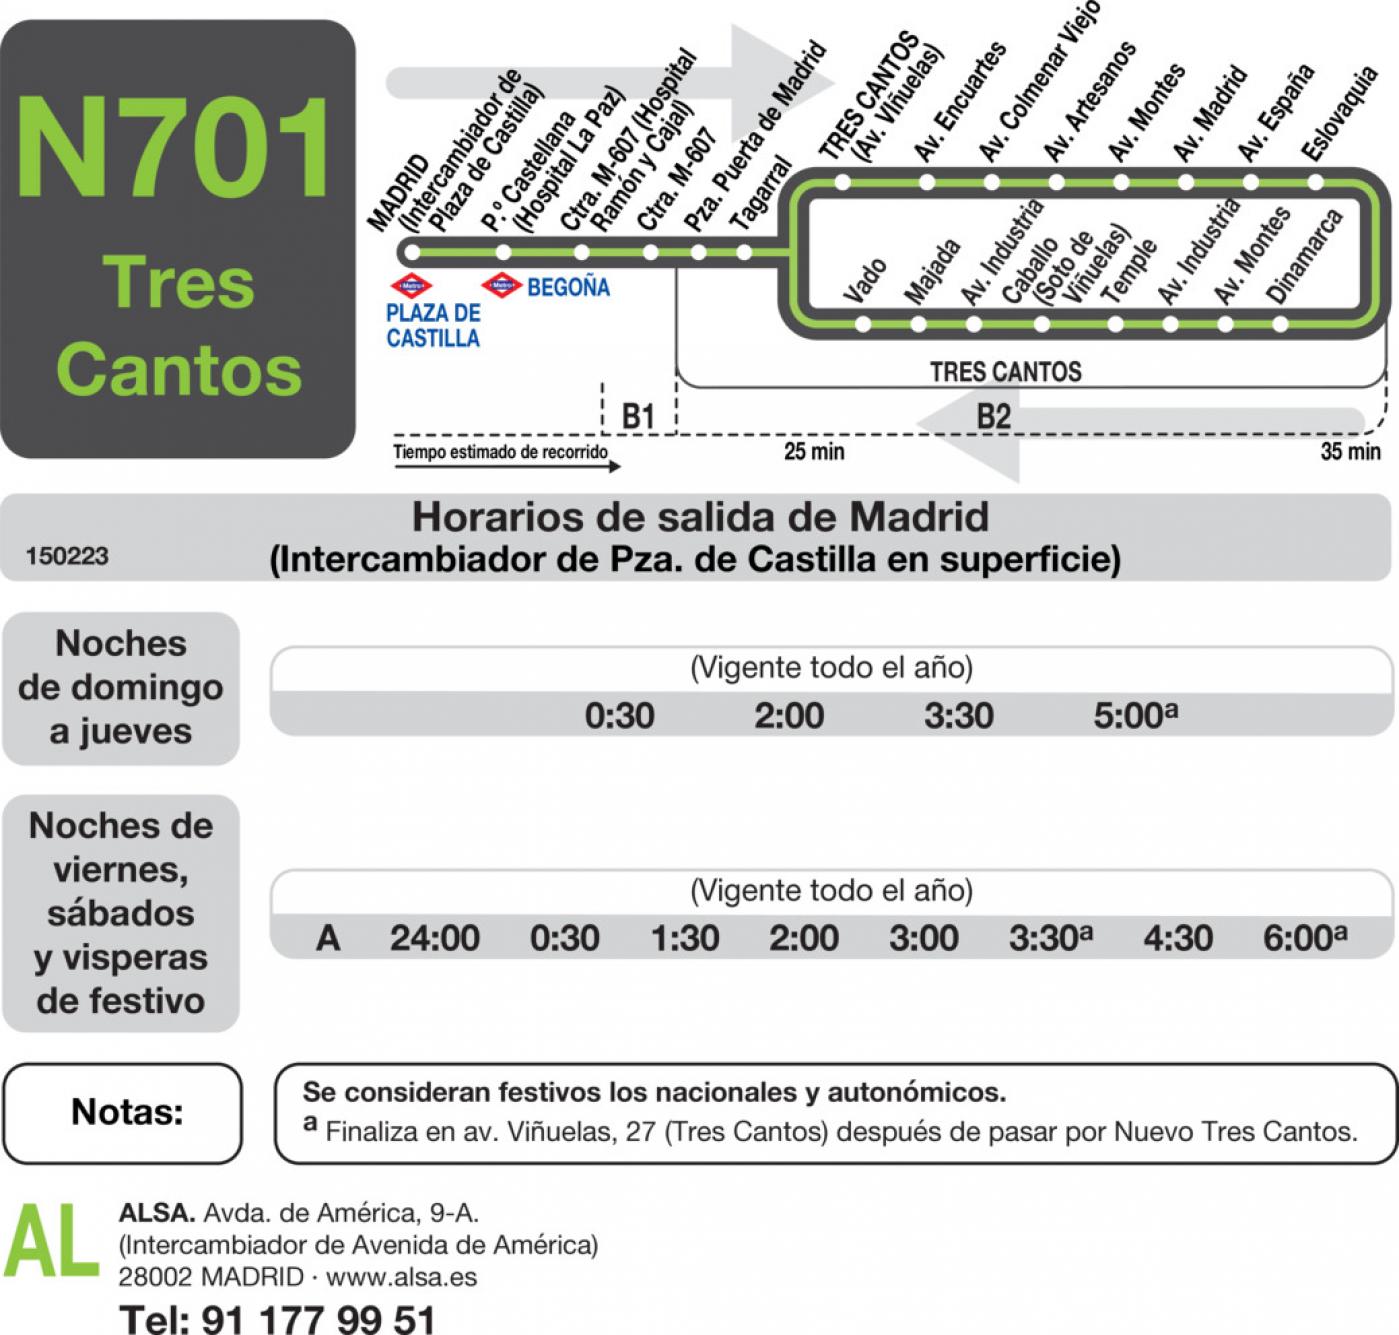 Tabla de horarios y frecuencias de paso en sentido ida Línea N-701: Madrid (Plaza Castilla) -Tres Cantos